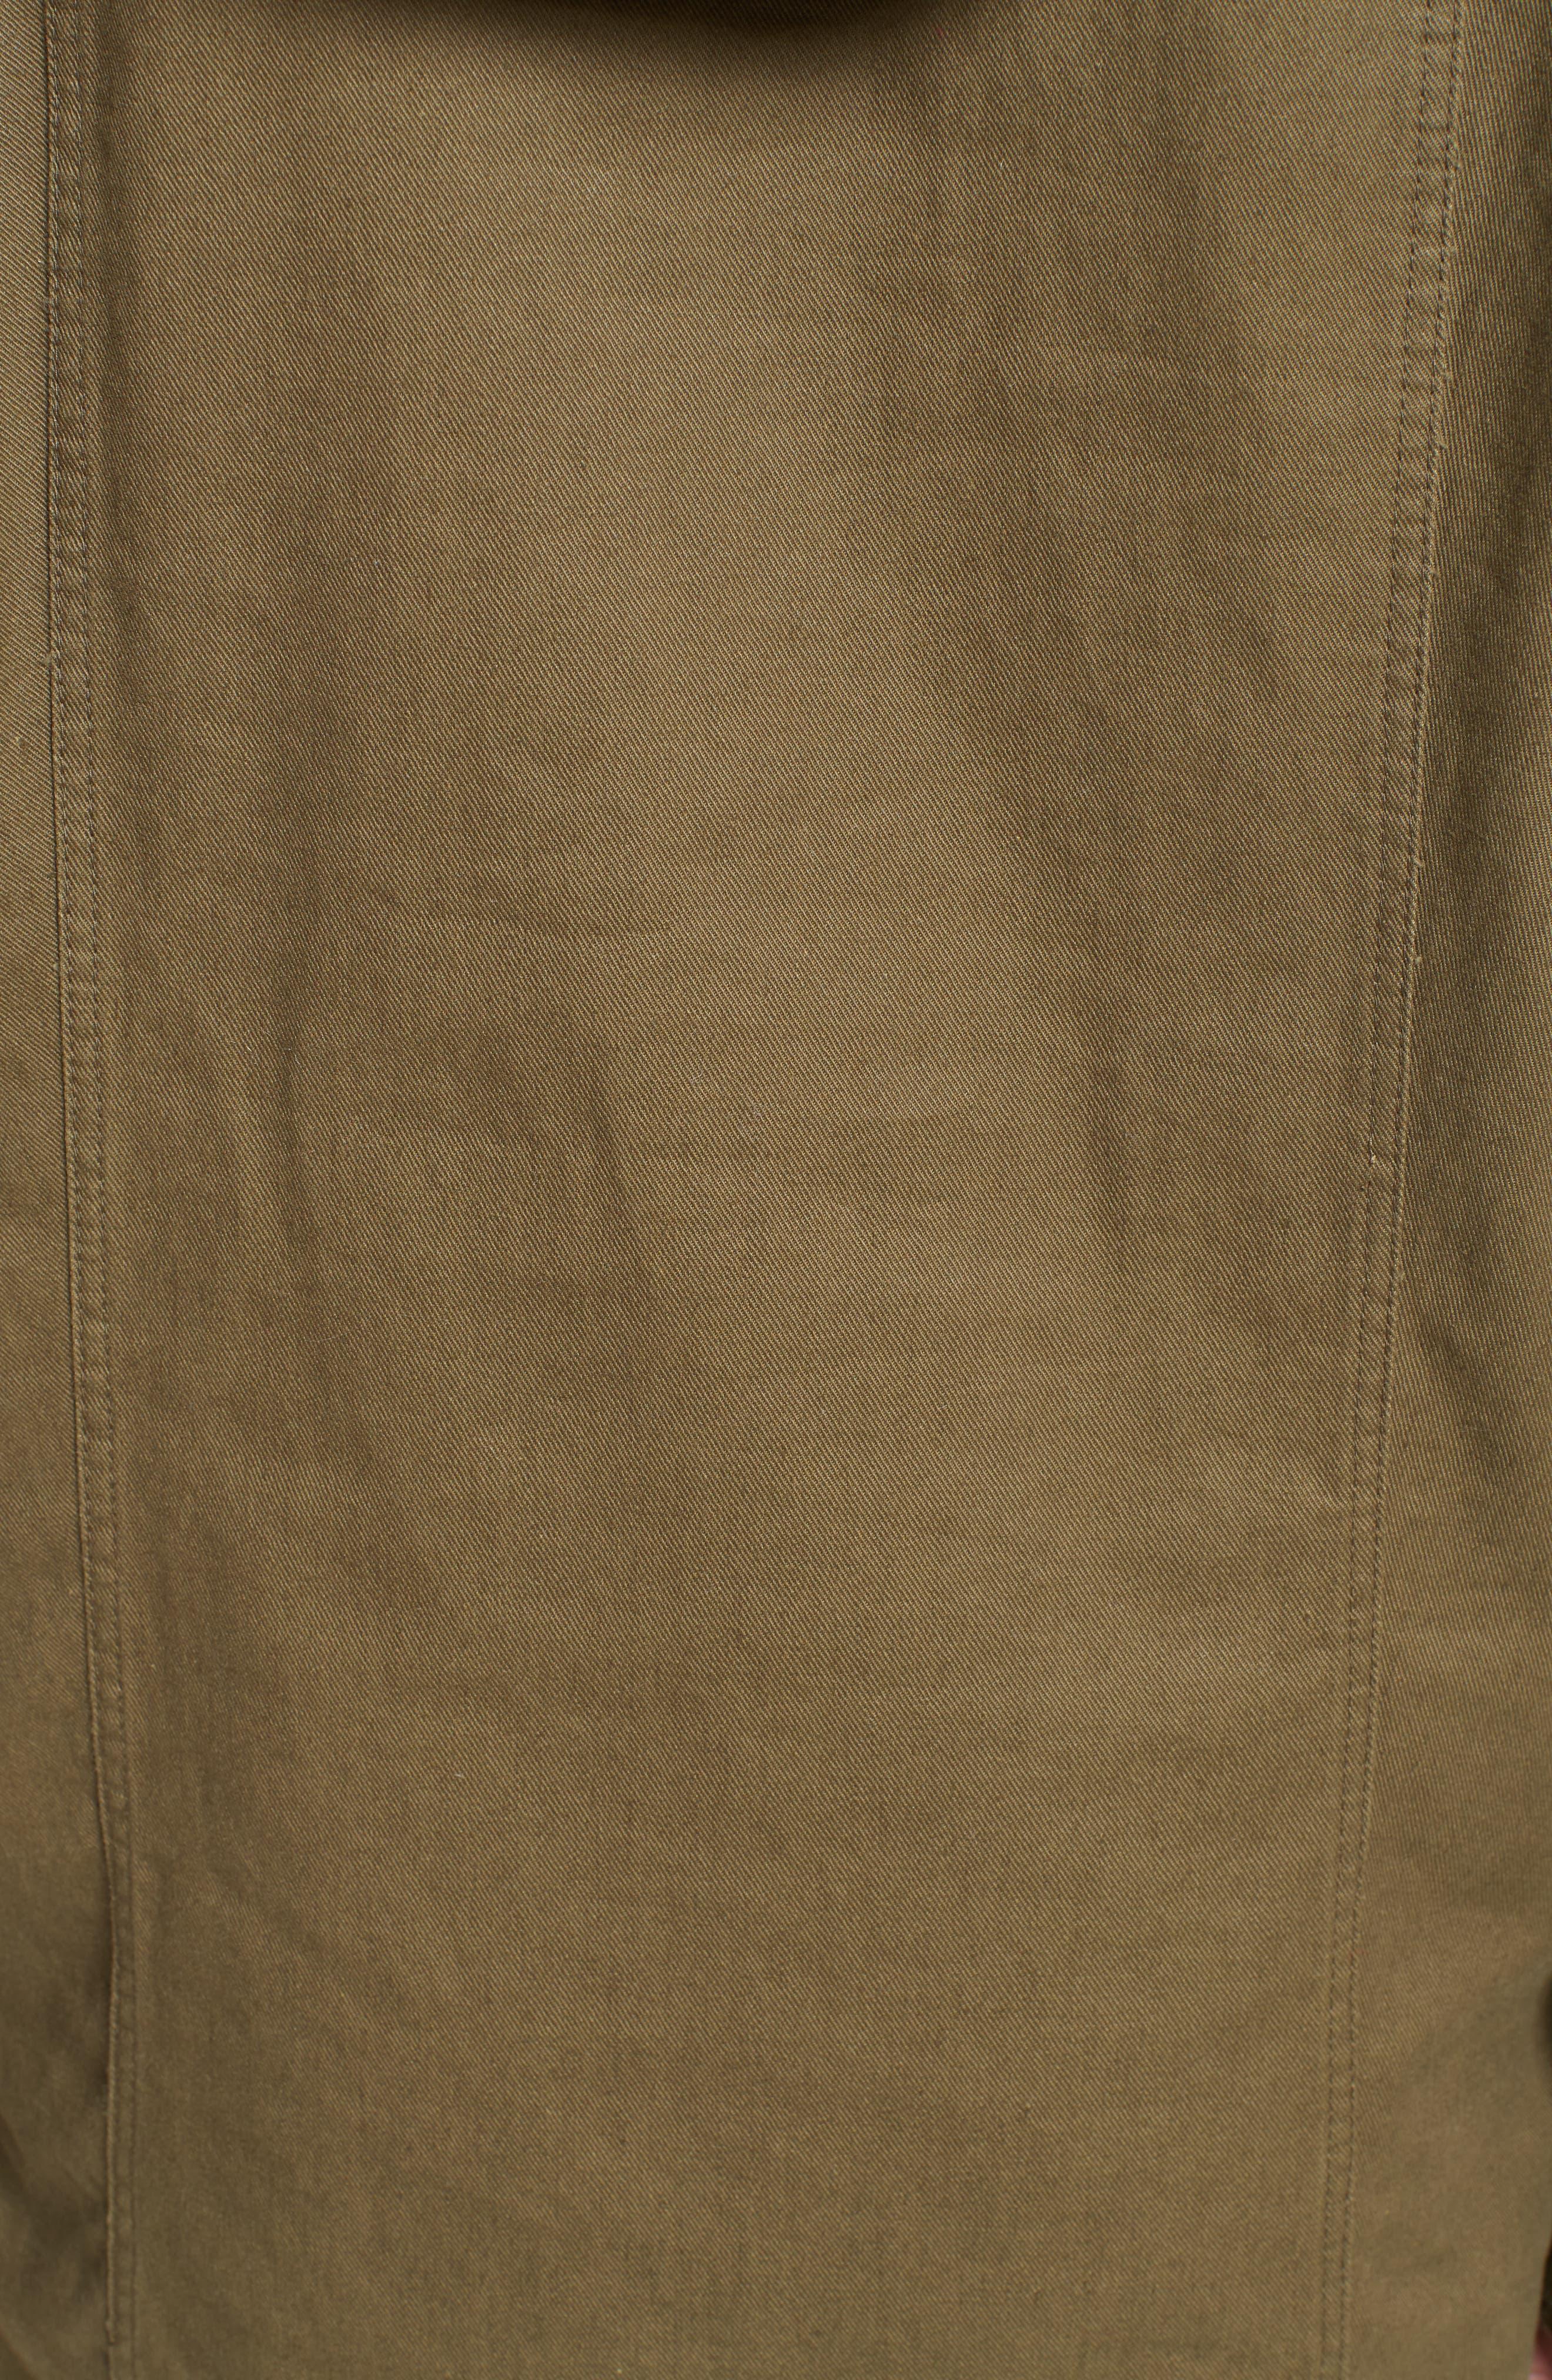 Alternate Image 3  - Saint Laurent Patch Embellished Cotton Blend Gabardine Dress